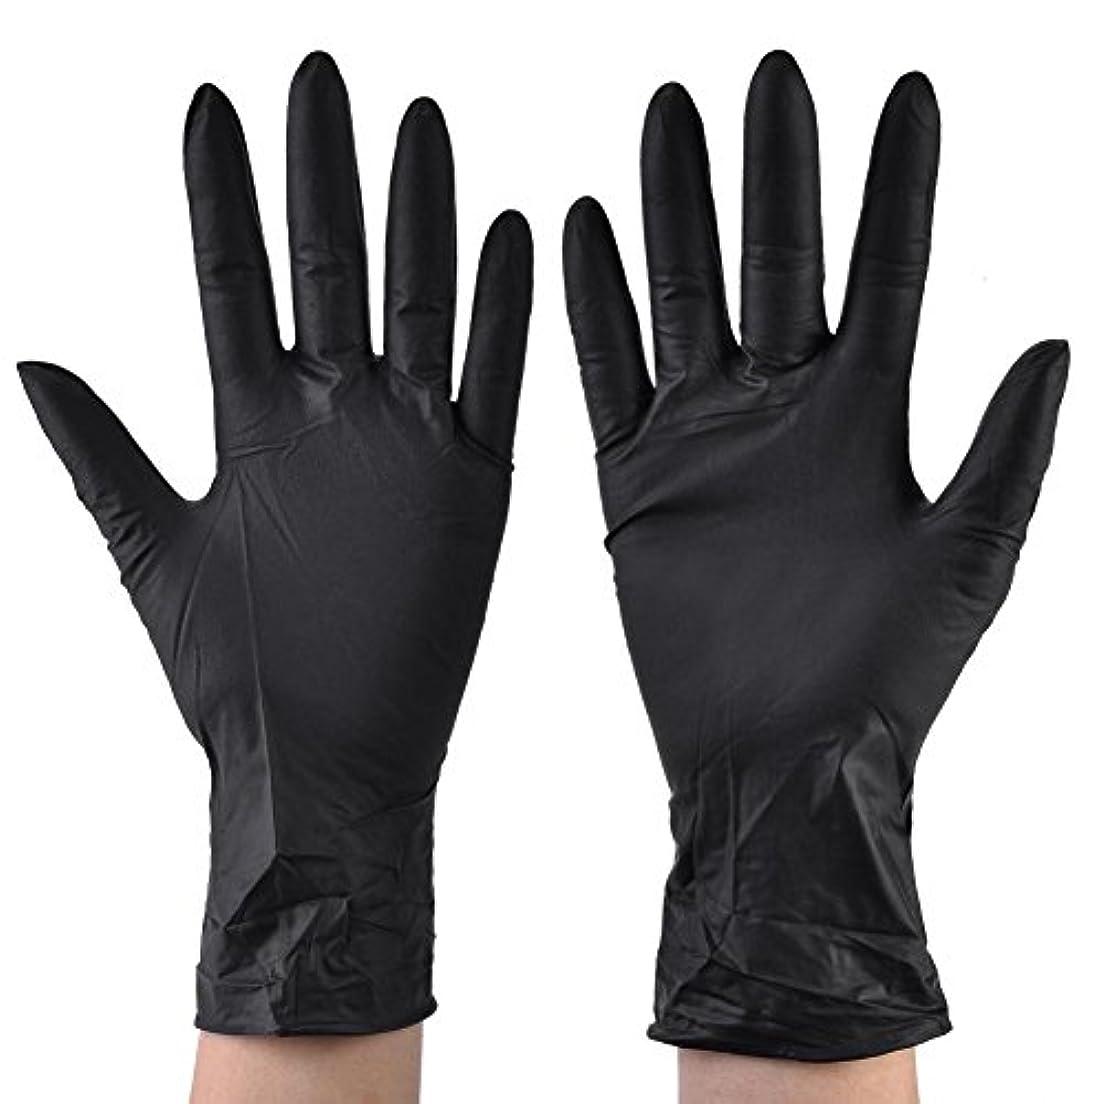 ピケ小数を通して使い捨て手袋 ニトリルグローブ ホワイト 粉なし 工業用/医療用/理美容用/レストラン用 M/L選択可 100枚 左右兼用 作業手袋(M)